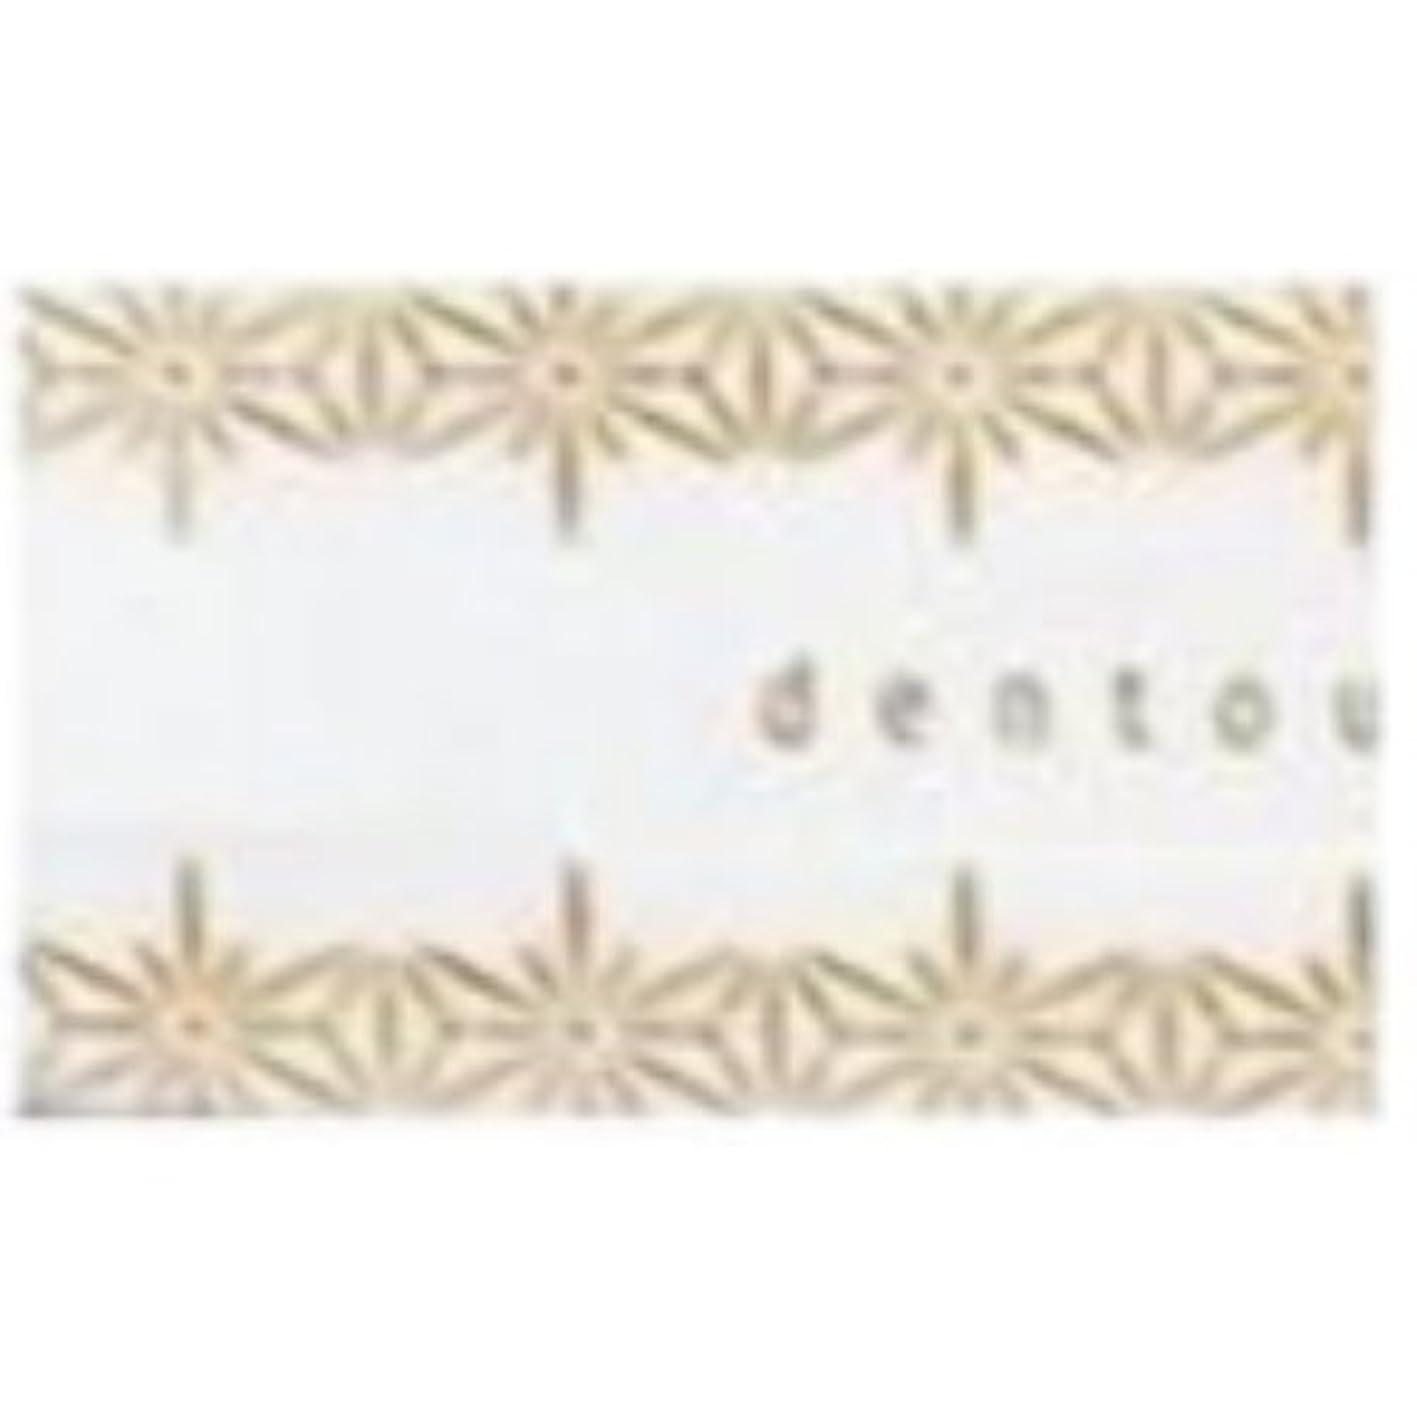 広げるヒール実験的薫寿堂 紙のお香 美香 沈の香り 30枚入